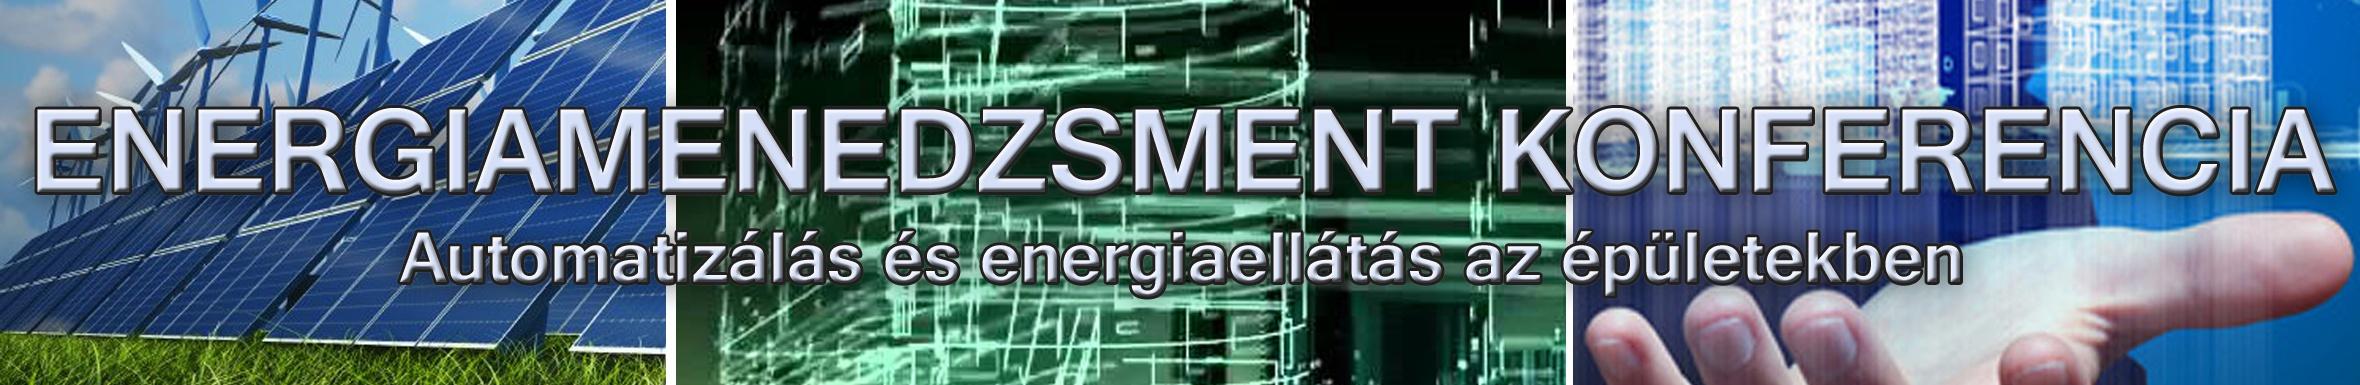 energiamen_2360